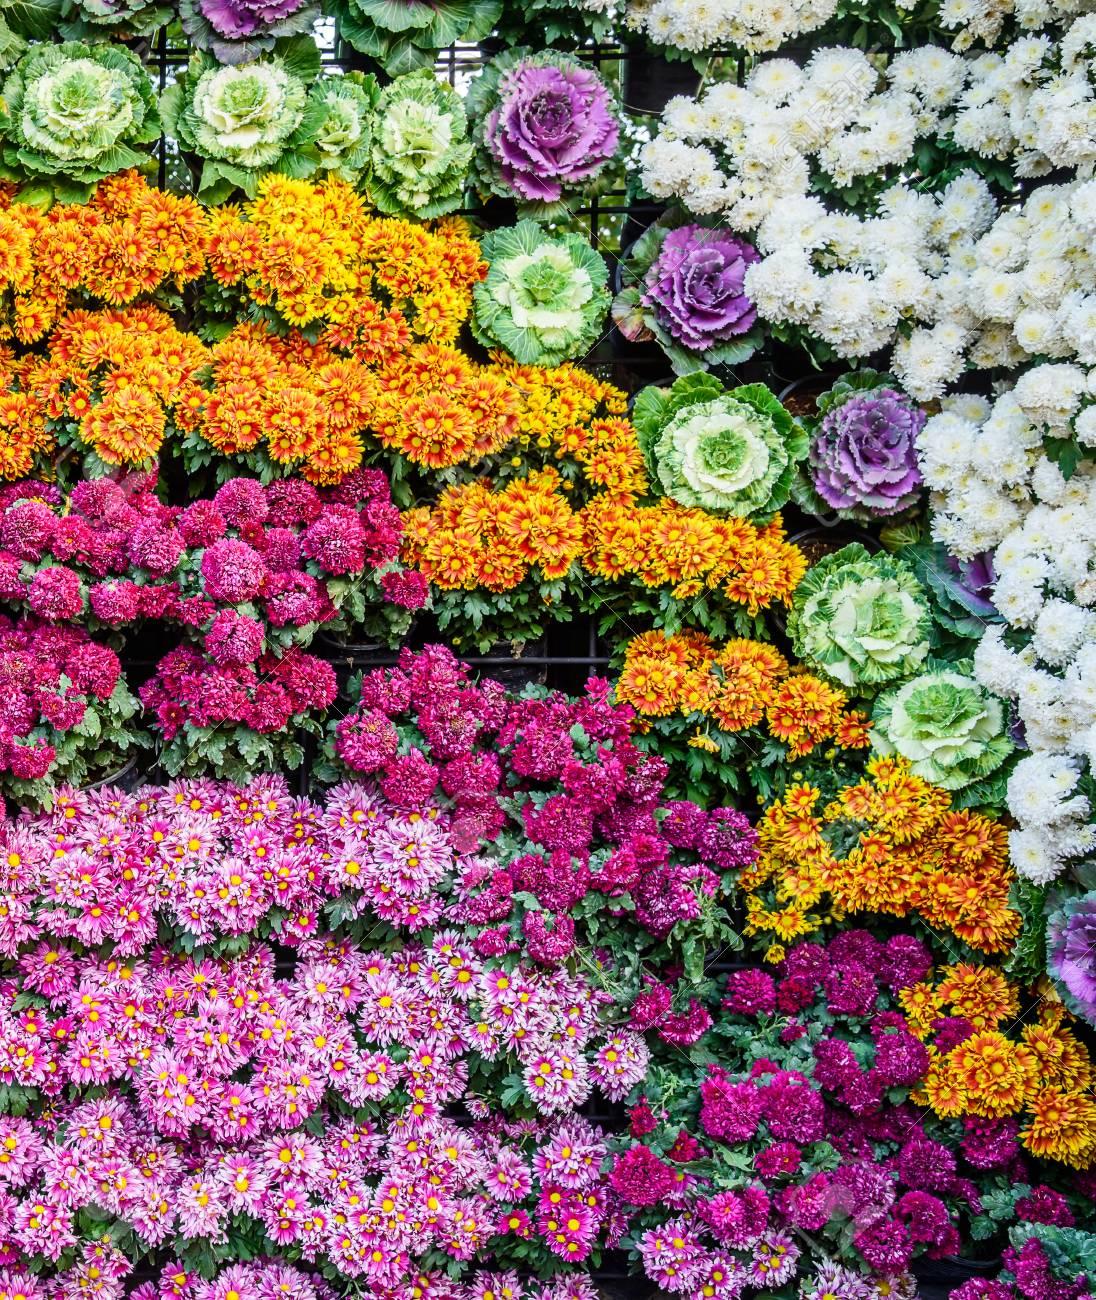 Vertikaler Garten Mit Blumen Und Gemüse Hintergrund Der Bunten